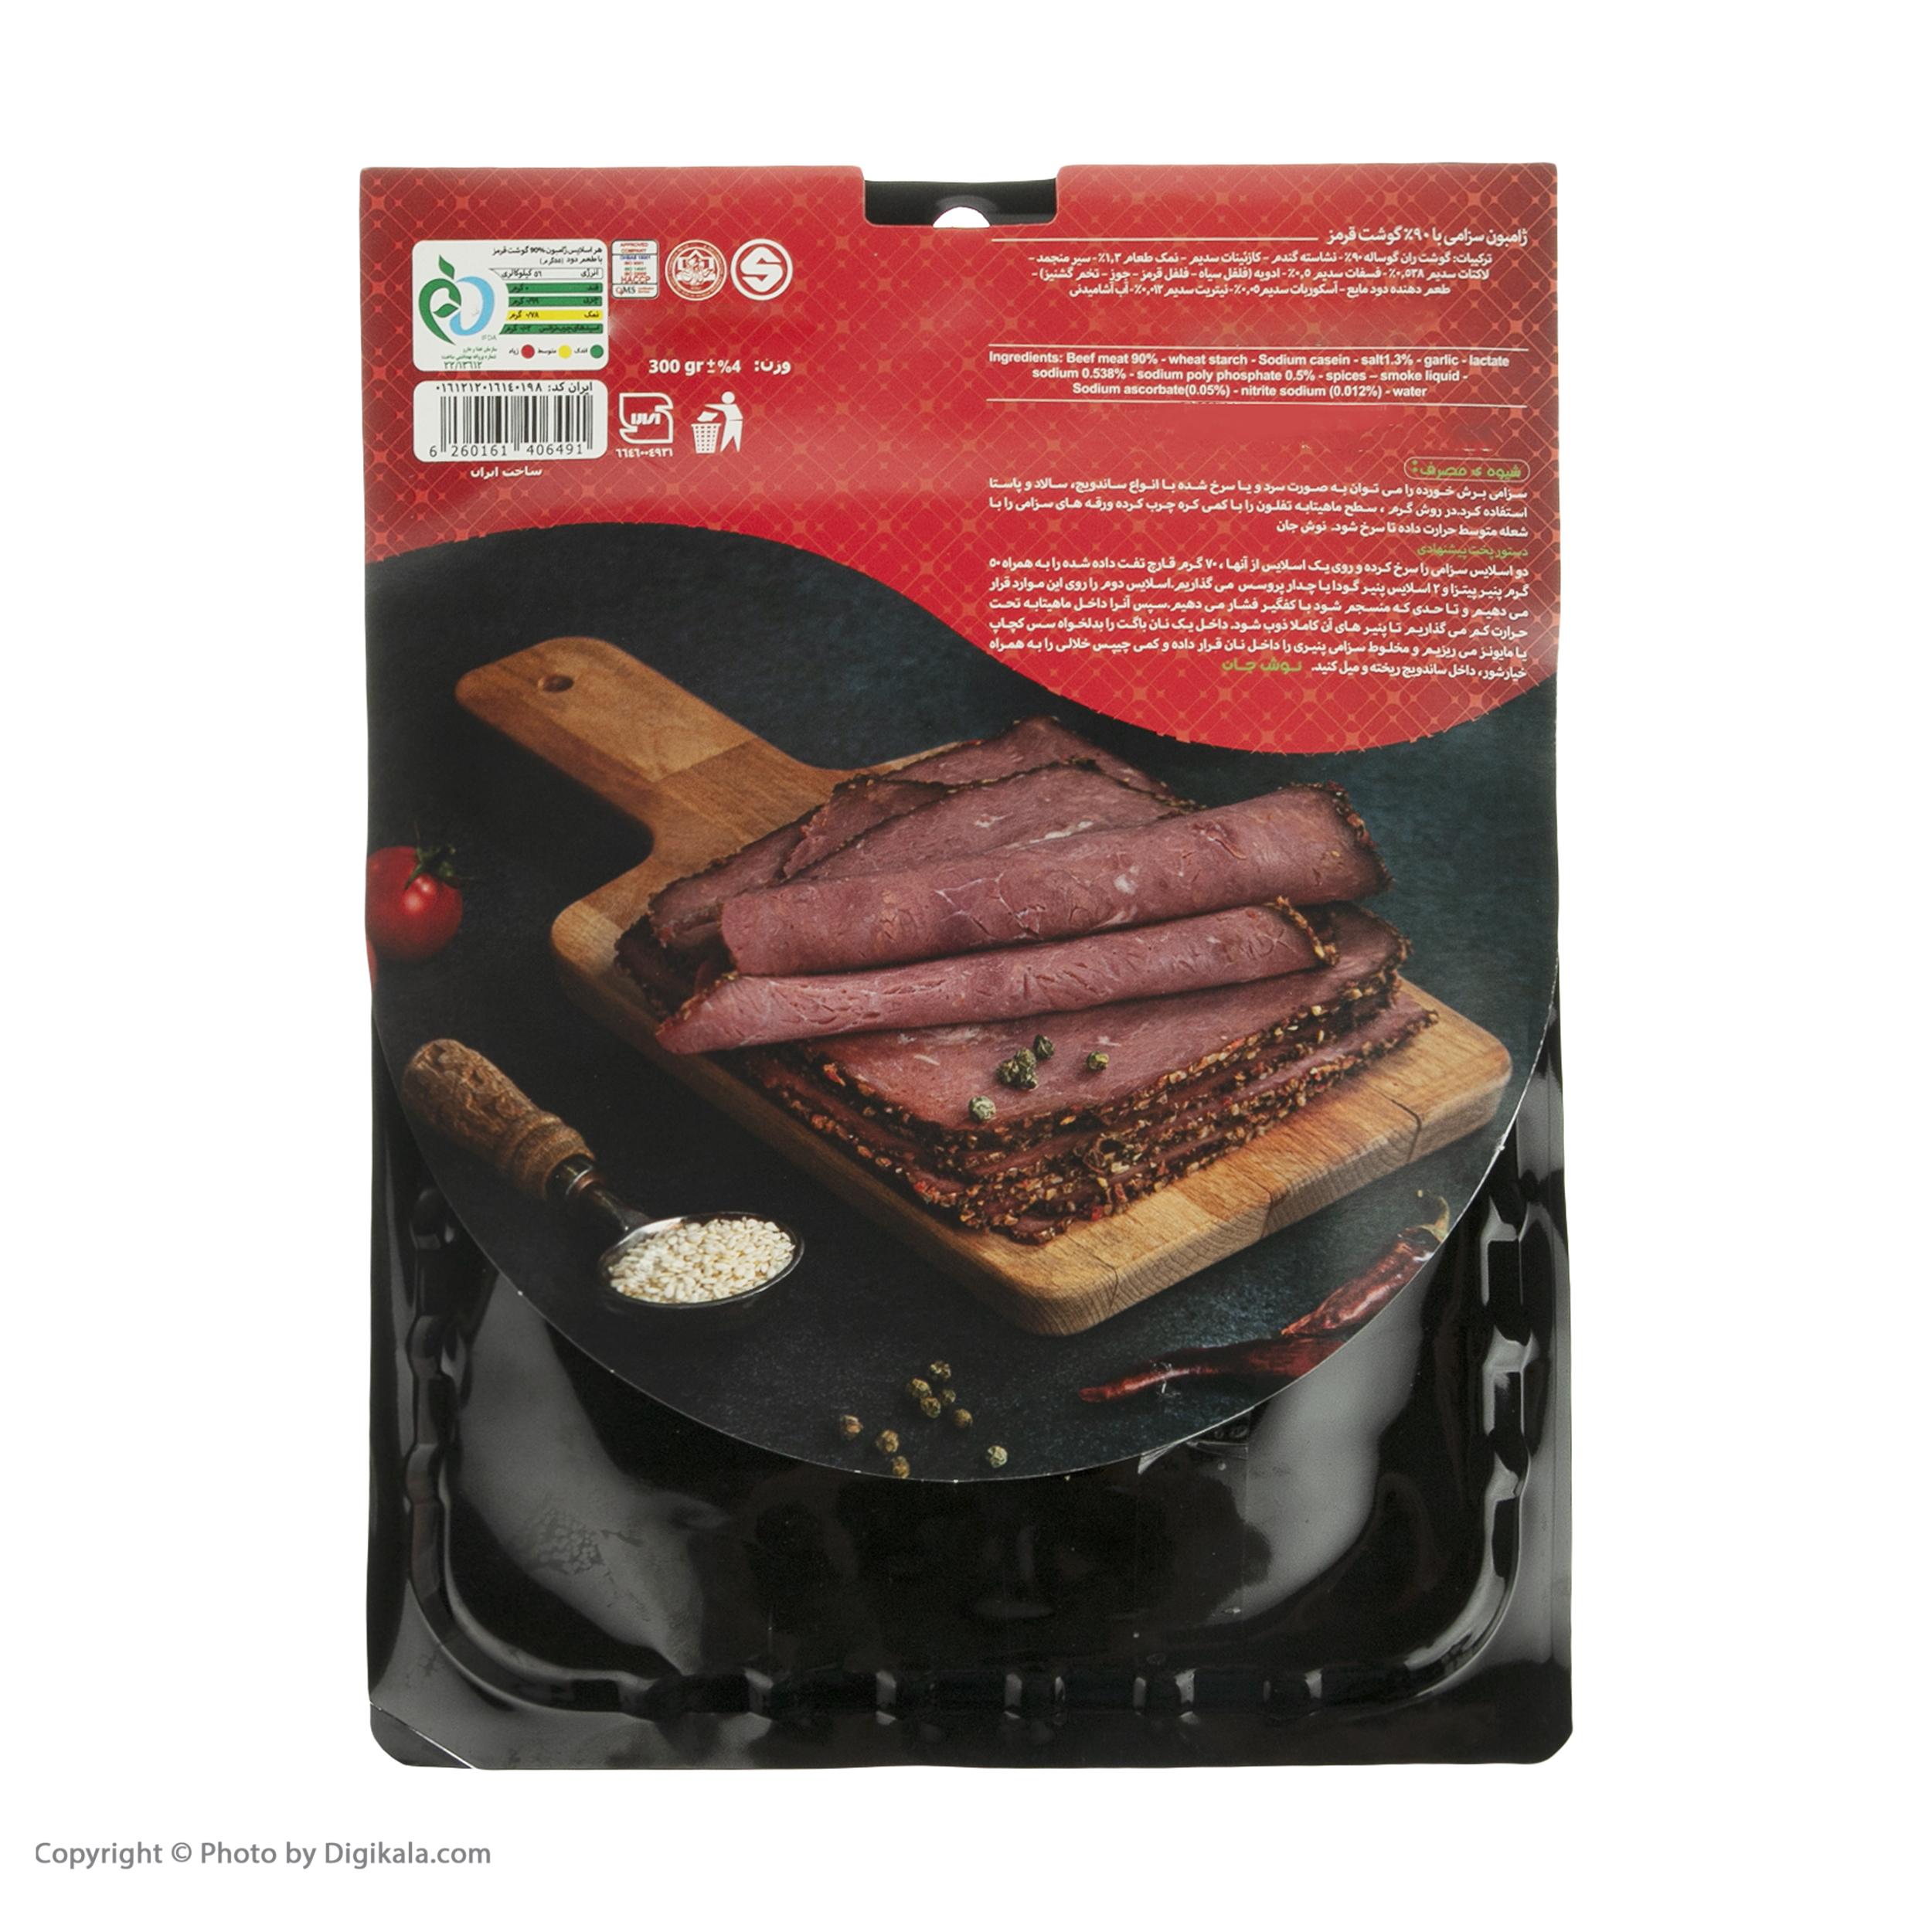 ژامبون سزامی 90 درصد گوشت قرمز سولیکو - 300 گرم  main 1 1